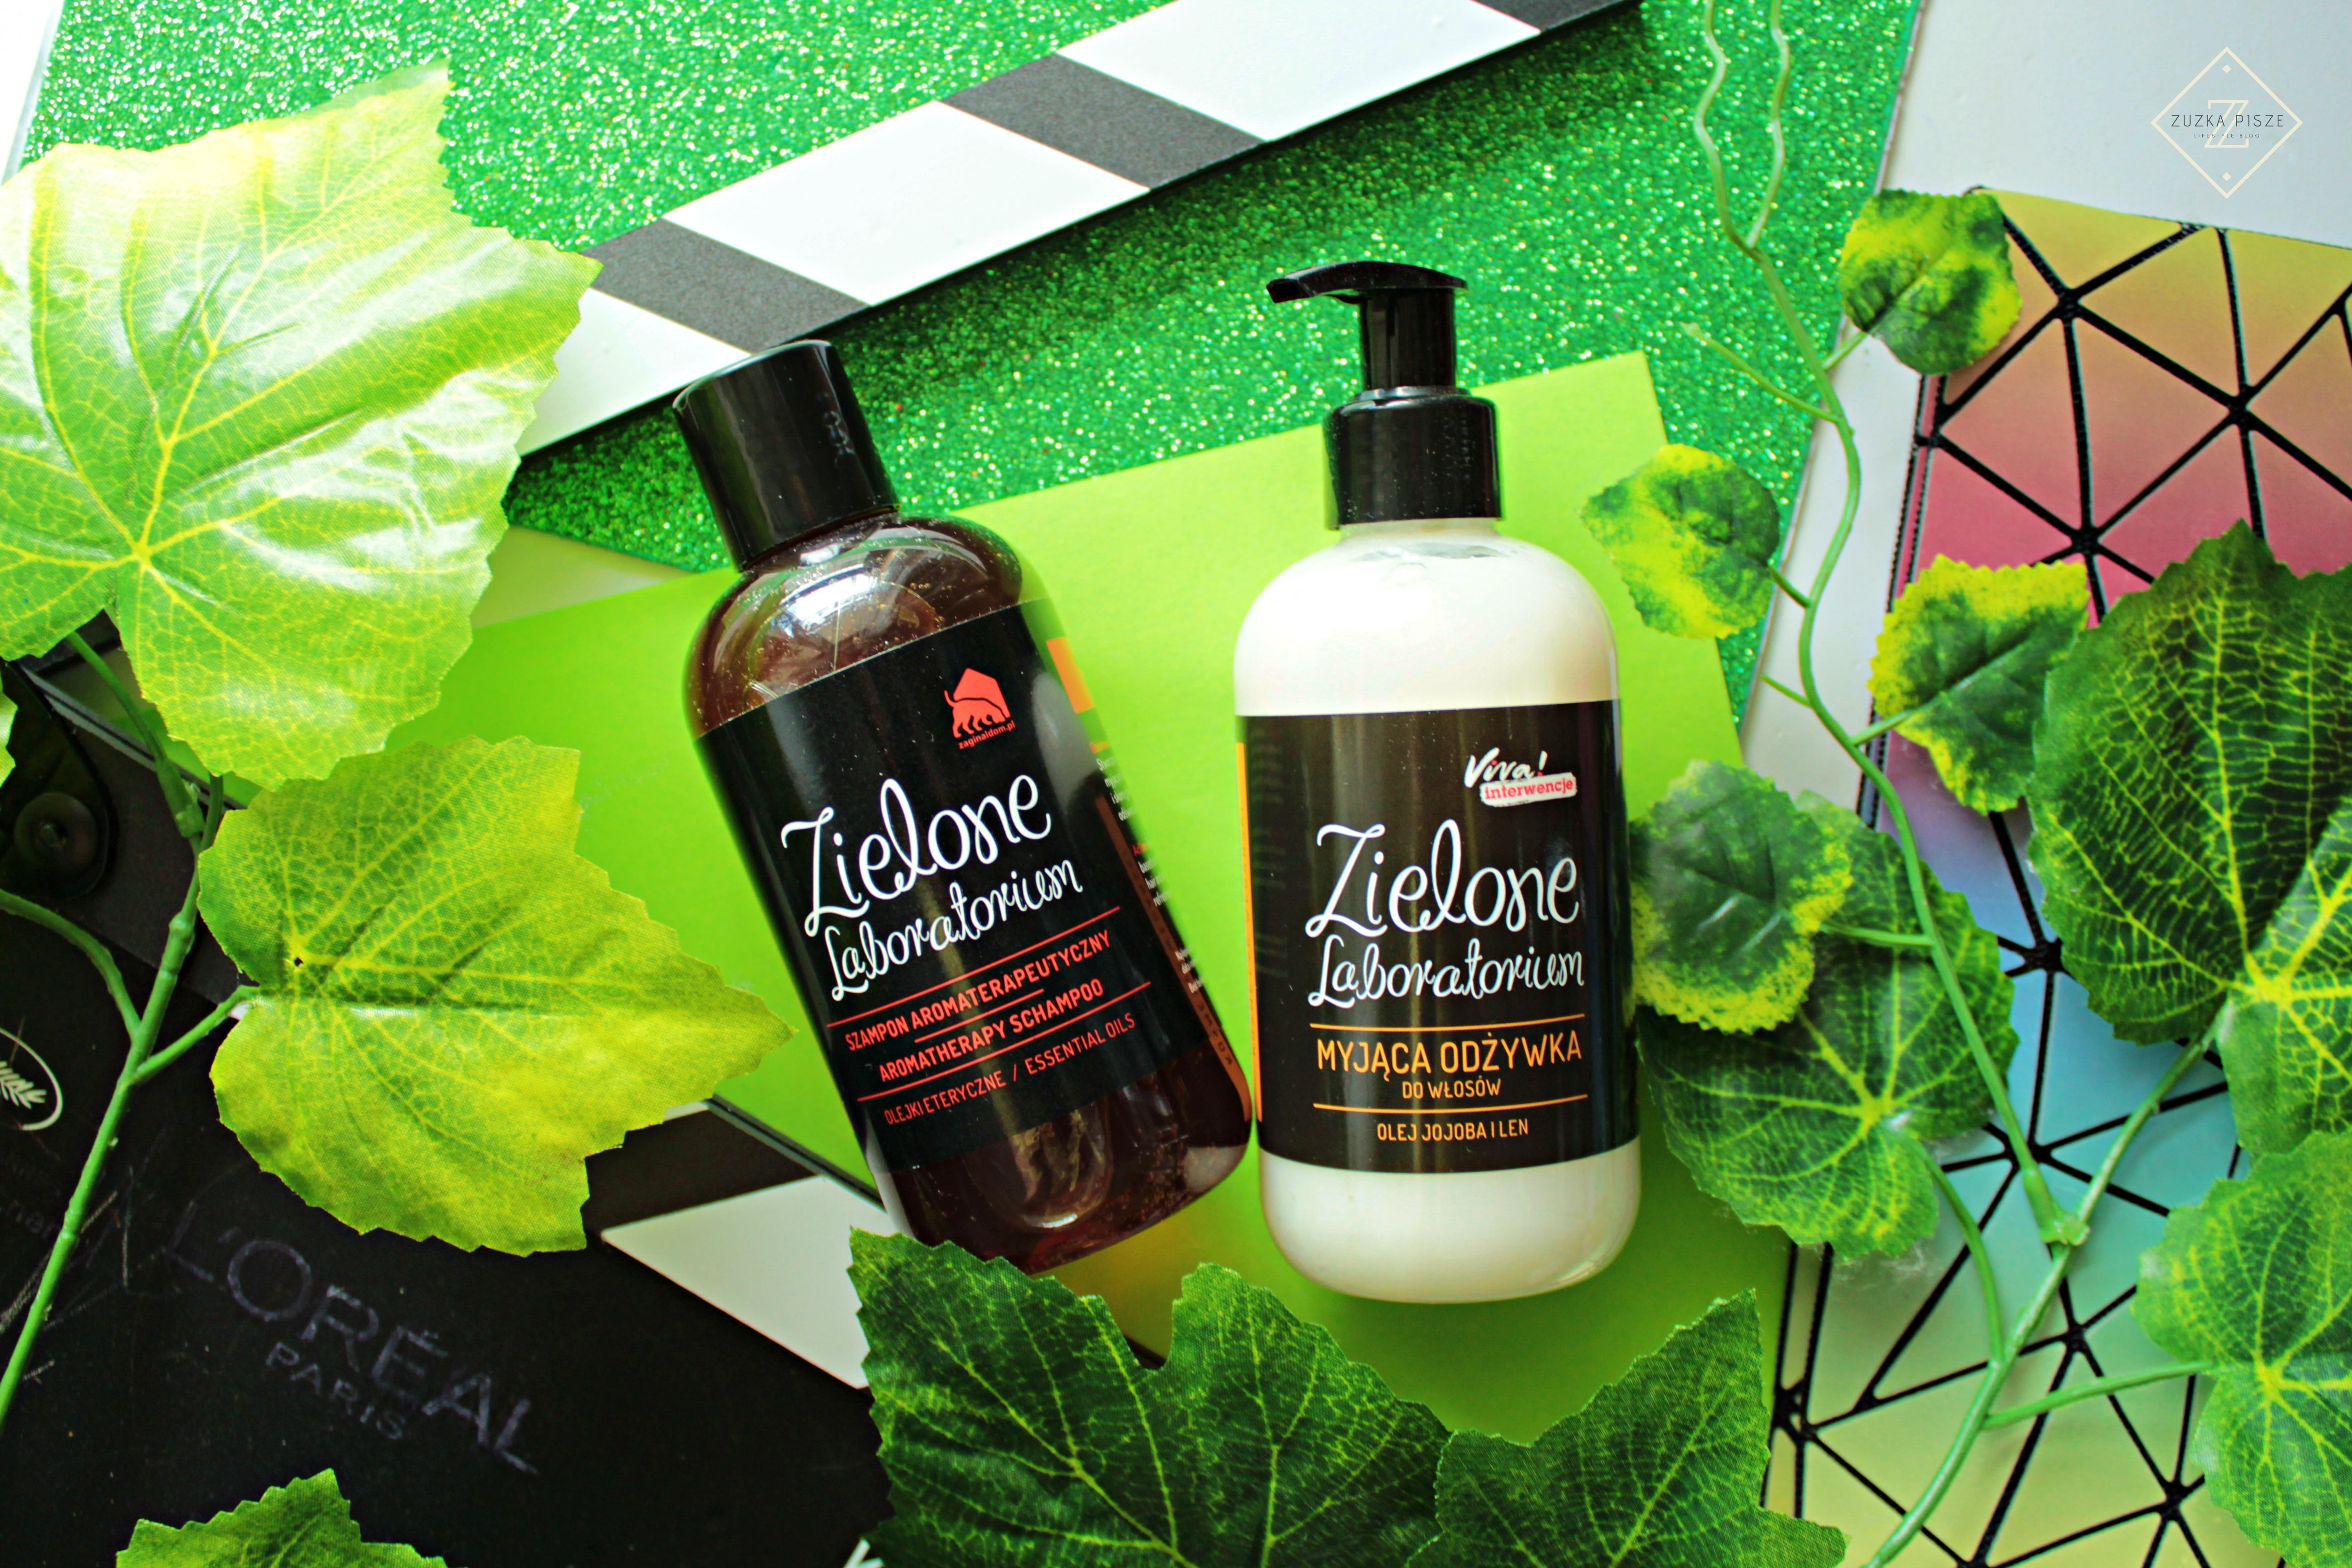 Szampon do włosów aromaterapeutyczny  z olejkami eterycznymi Zielone laboratorium